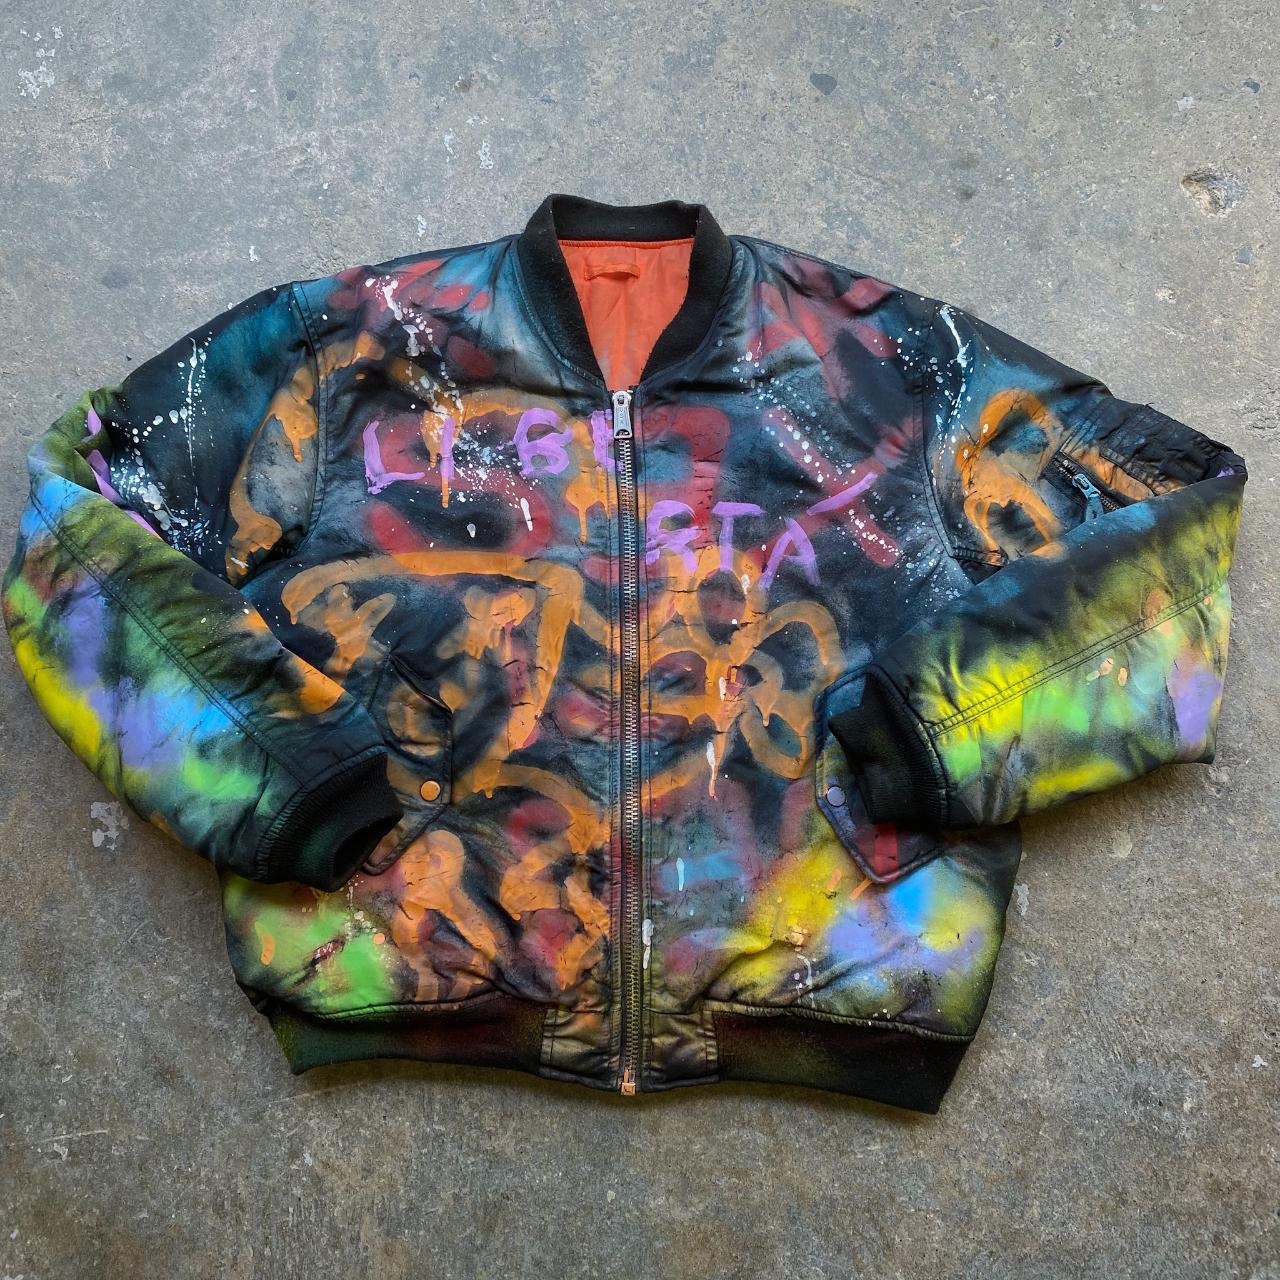 Product Image 1 - Reworked Graffiti Bomber Jacket, zip